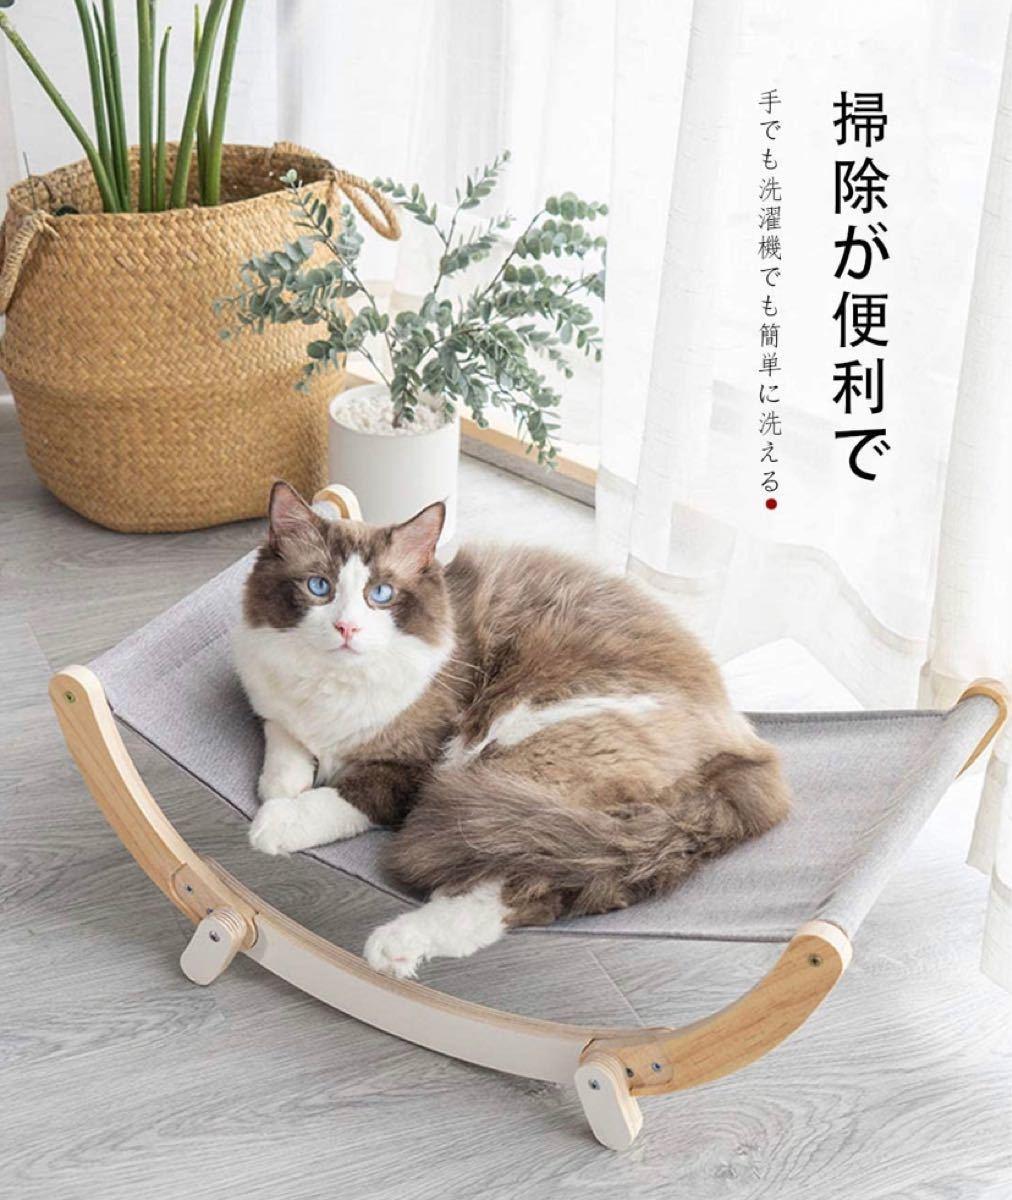 猫 ハンモック 木製 ペット ベッド 両用 多機能